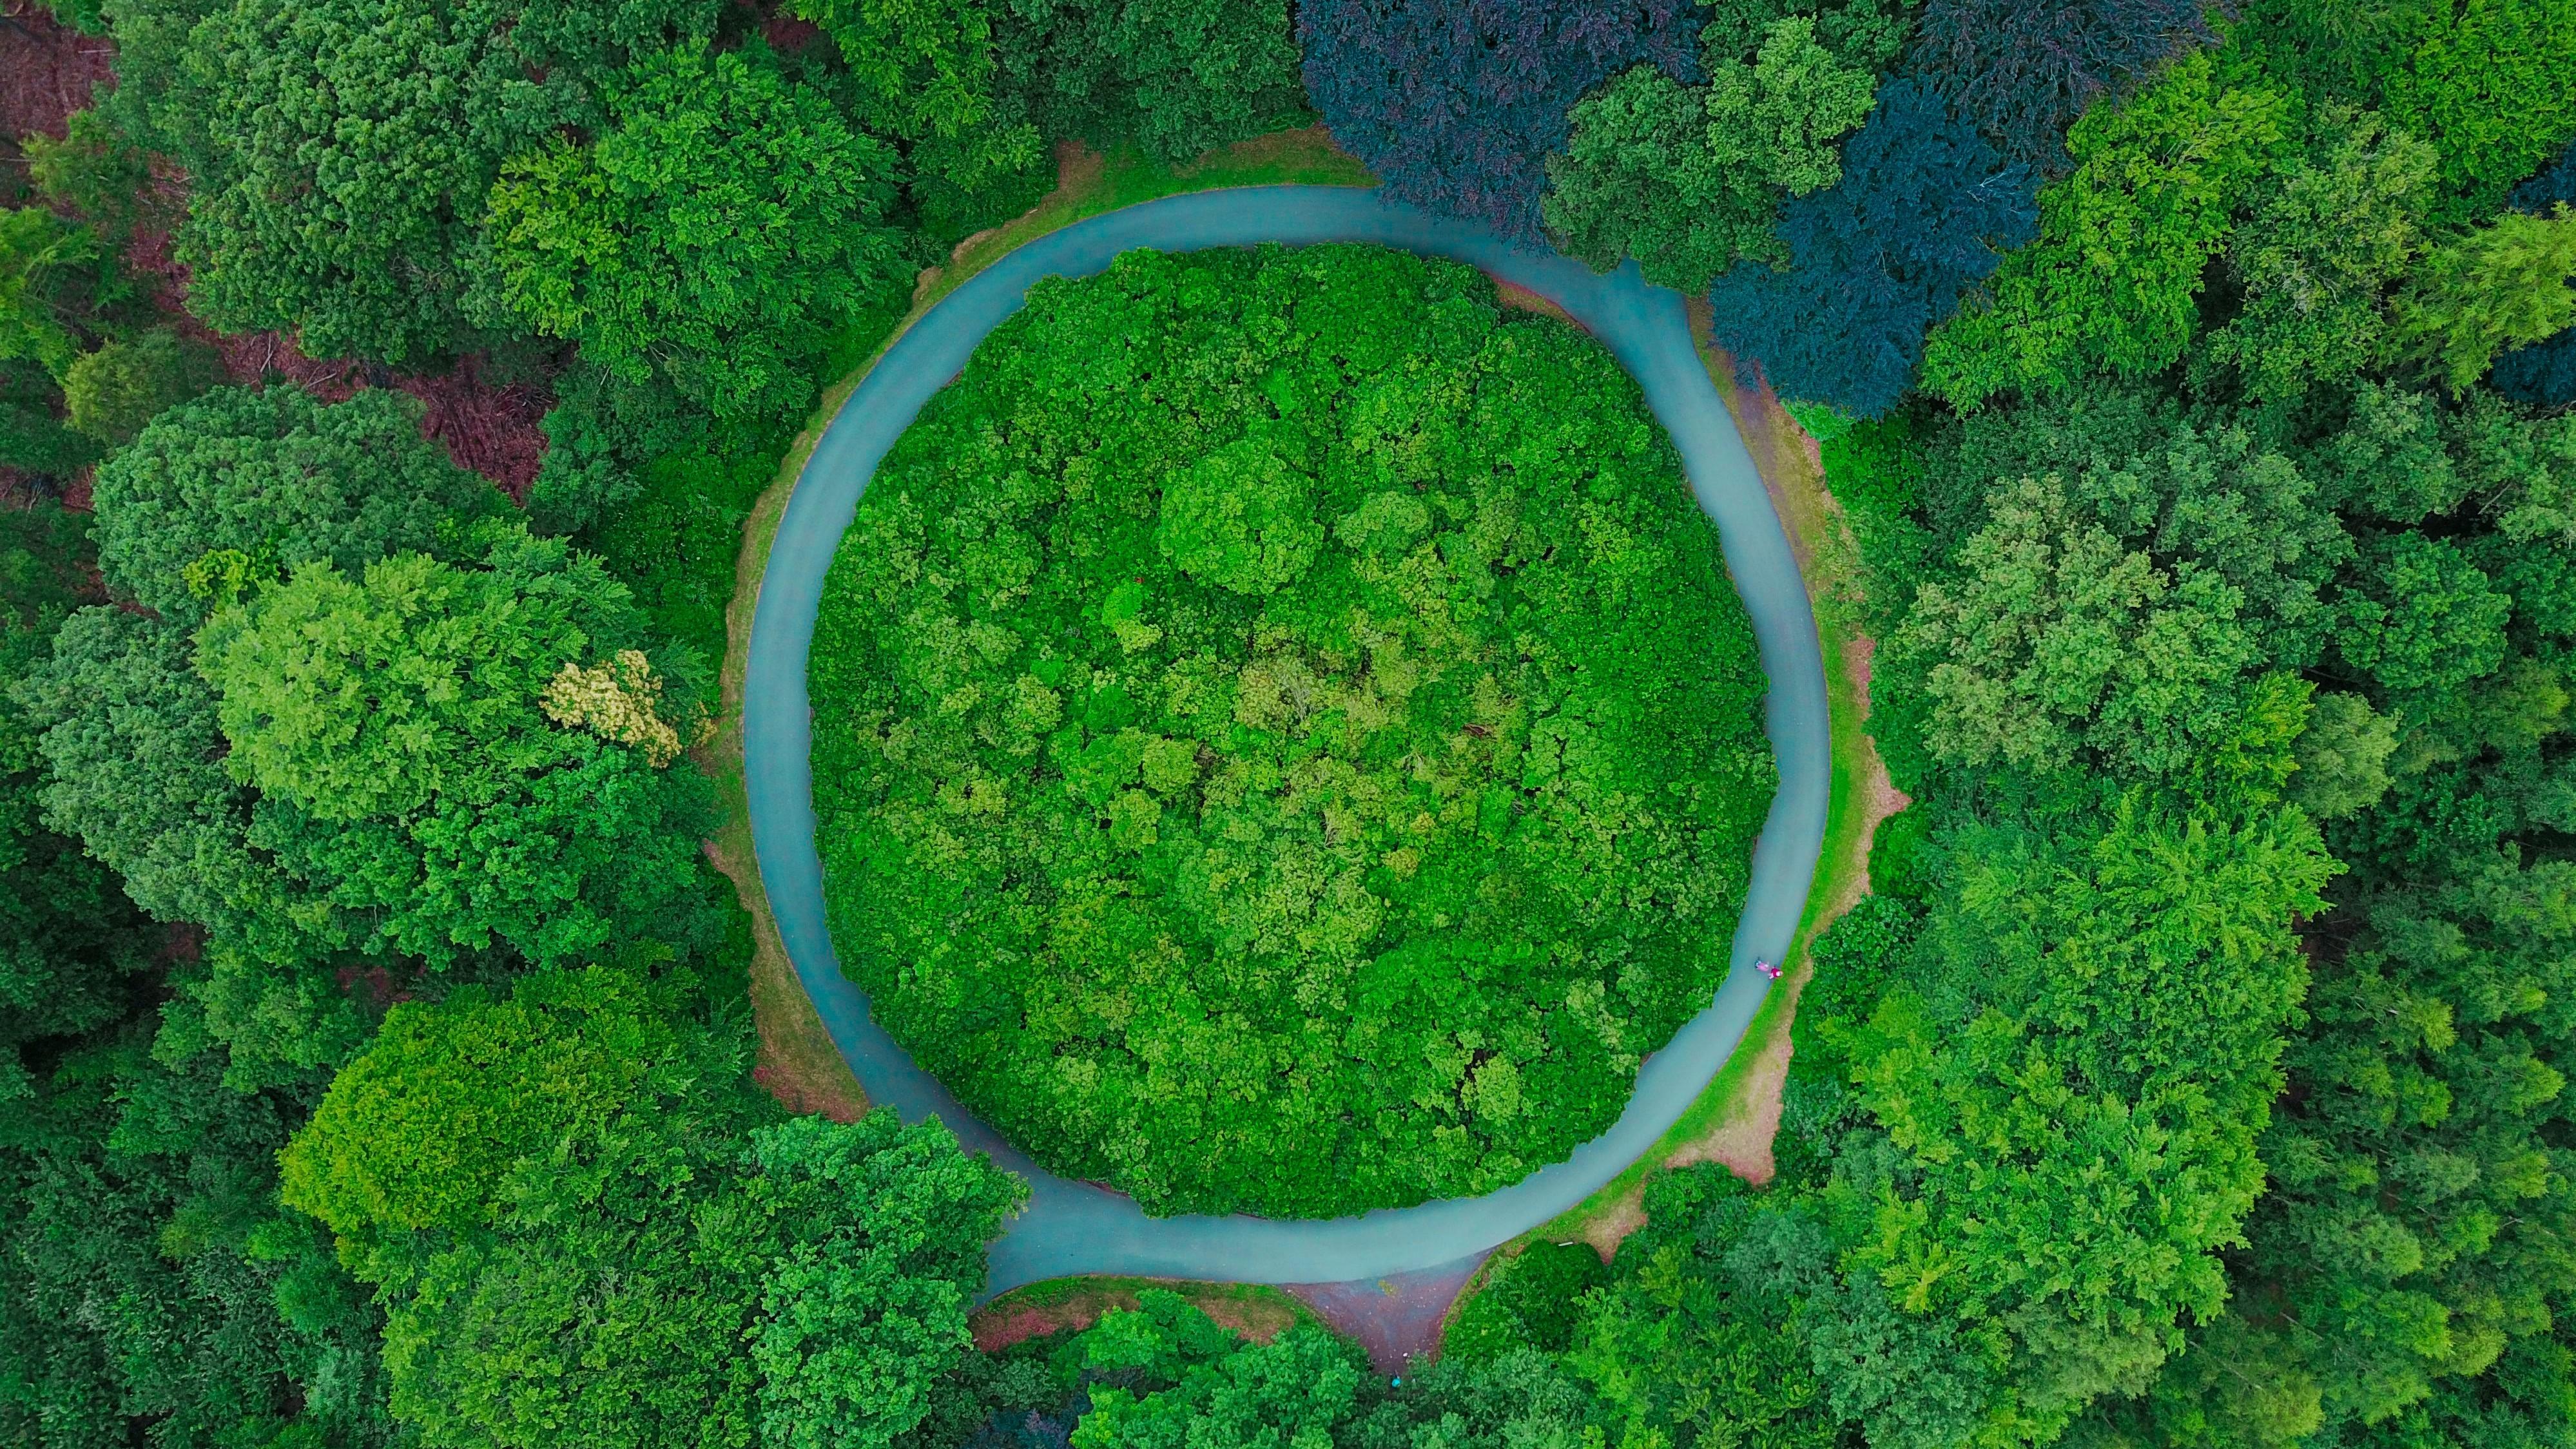 Kuidas ringmajanduse mudel looduse ja ettevõtluse omavahel seob?